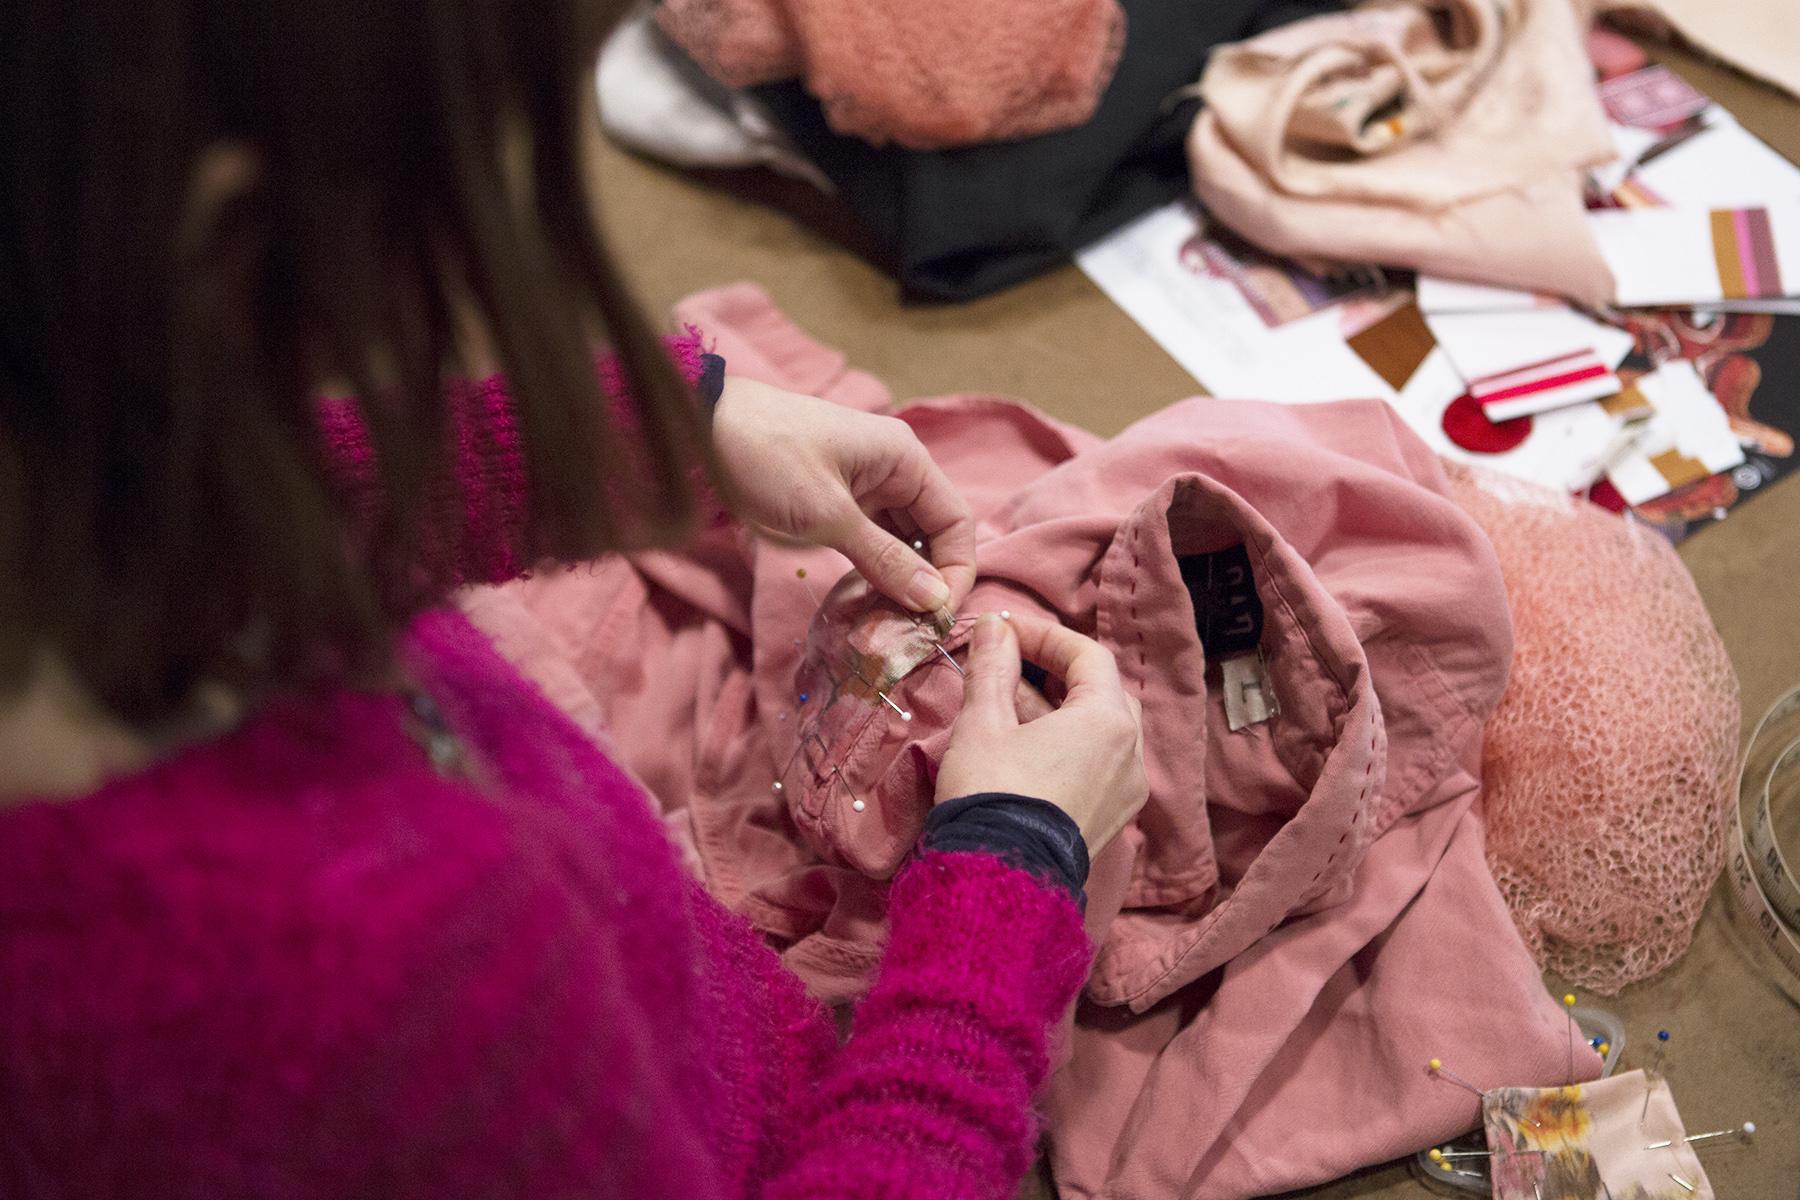 worker-stitch1.jpg